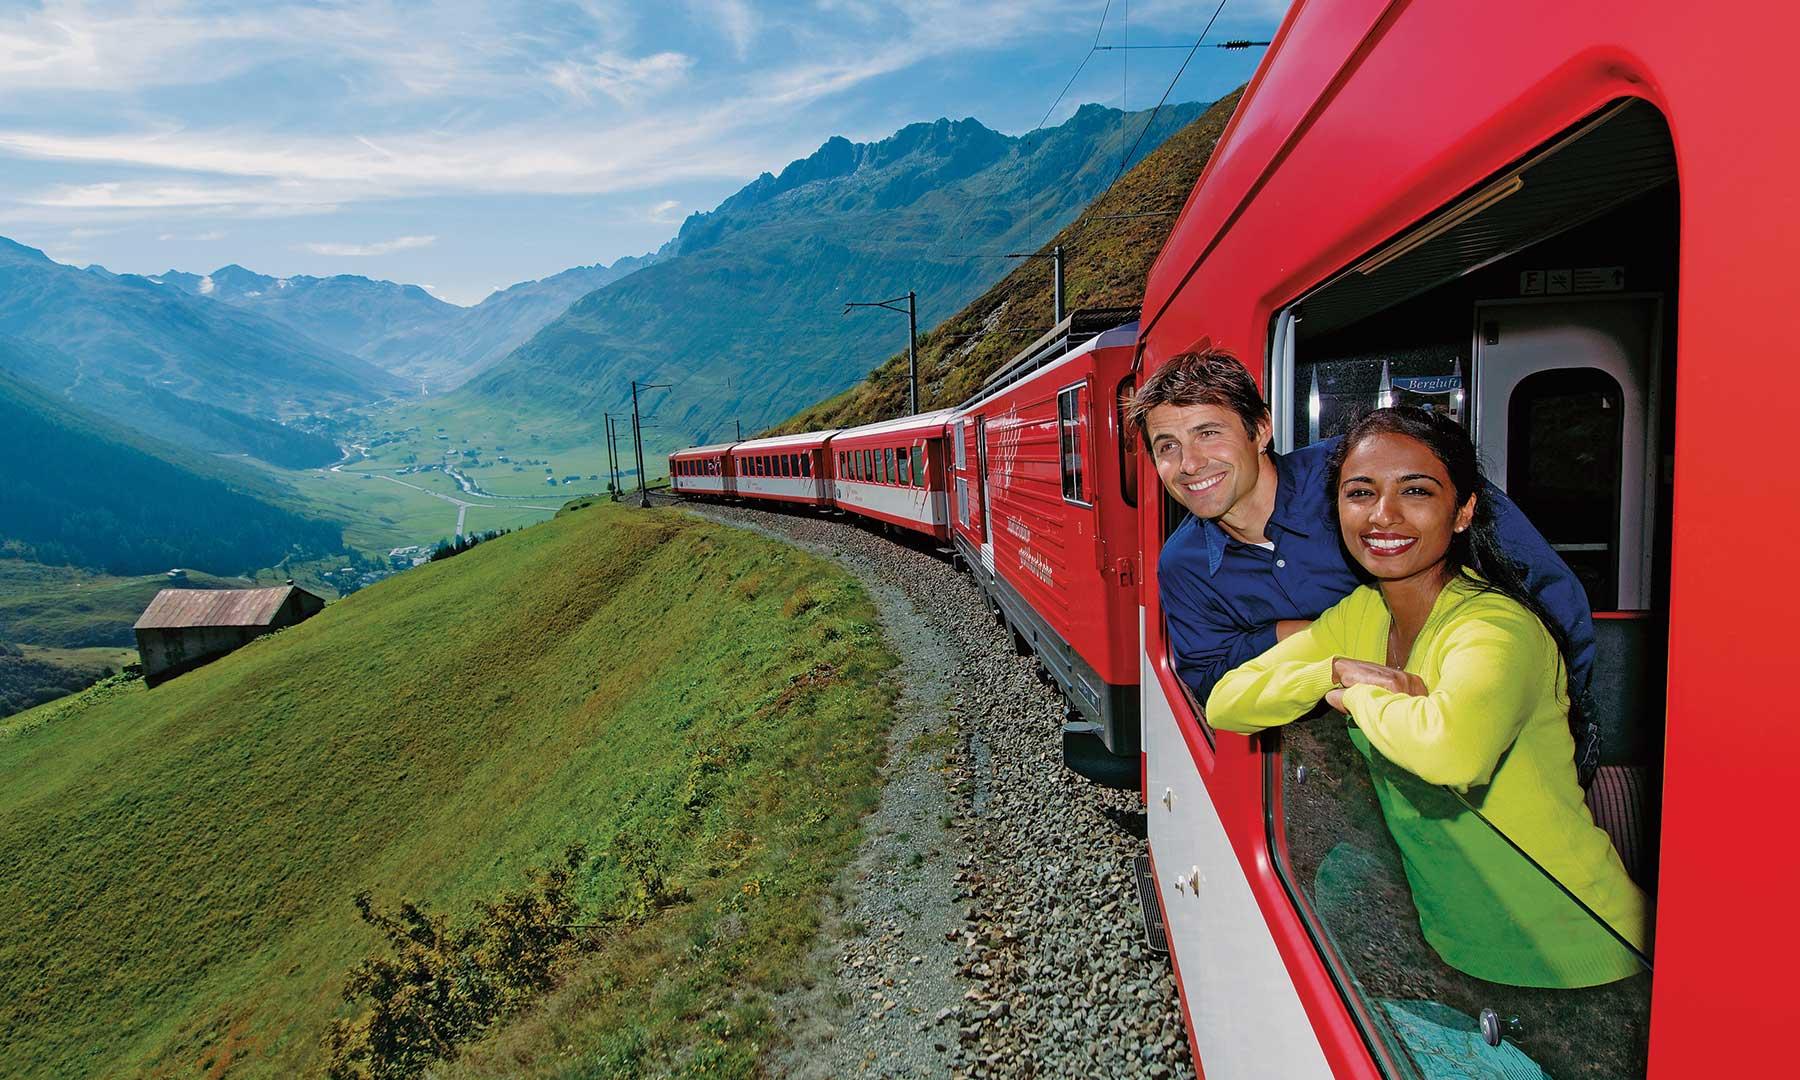 маршруты прикольные картинки про поездку в швейцарию над лесом летали